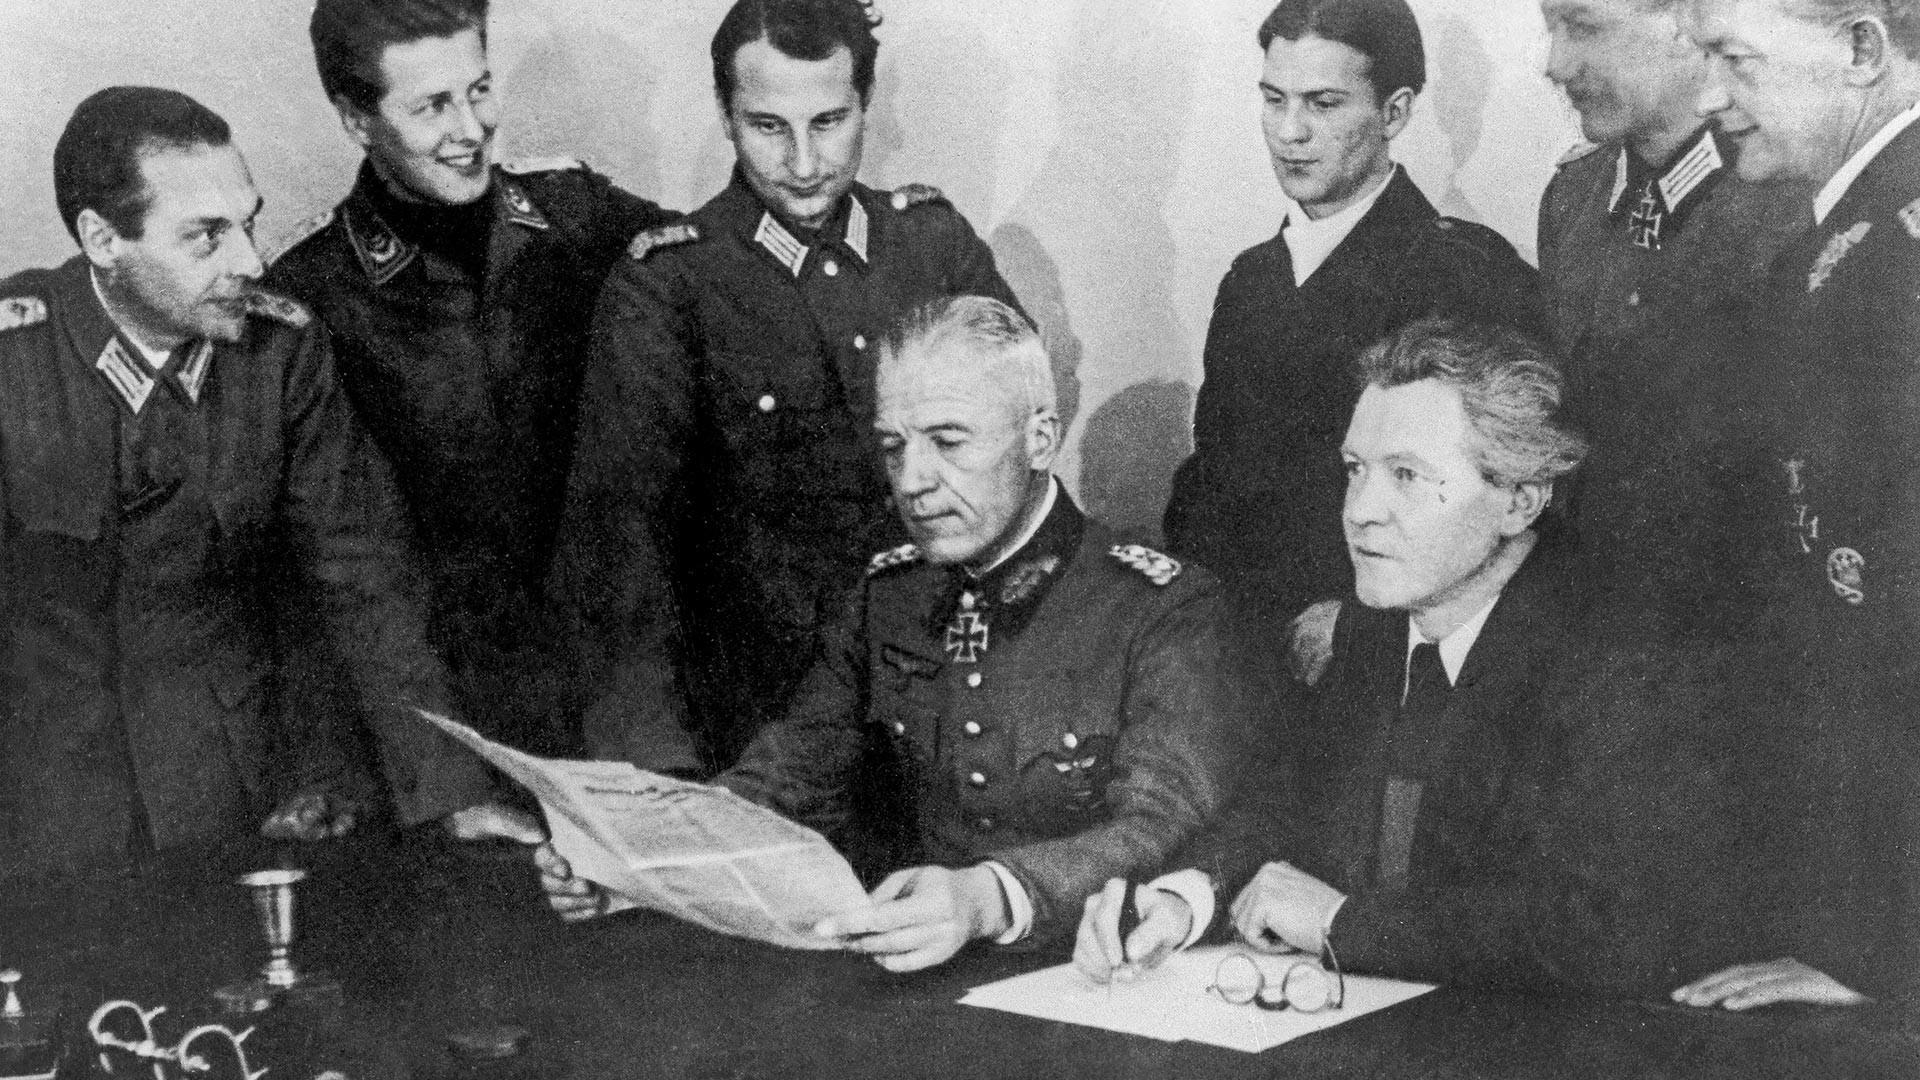 Председатель национального комитета «Свободная Германия» писатель Эрих Вайнерт (на первом плане справа) и генерал фон Зейдлиц во время заседания комитета.